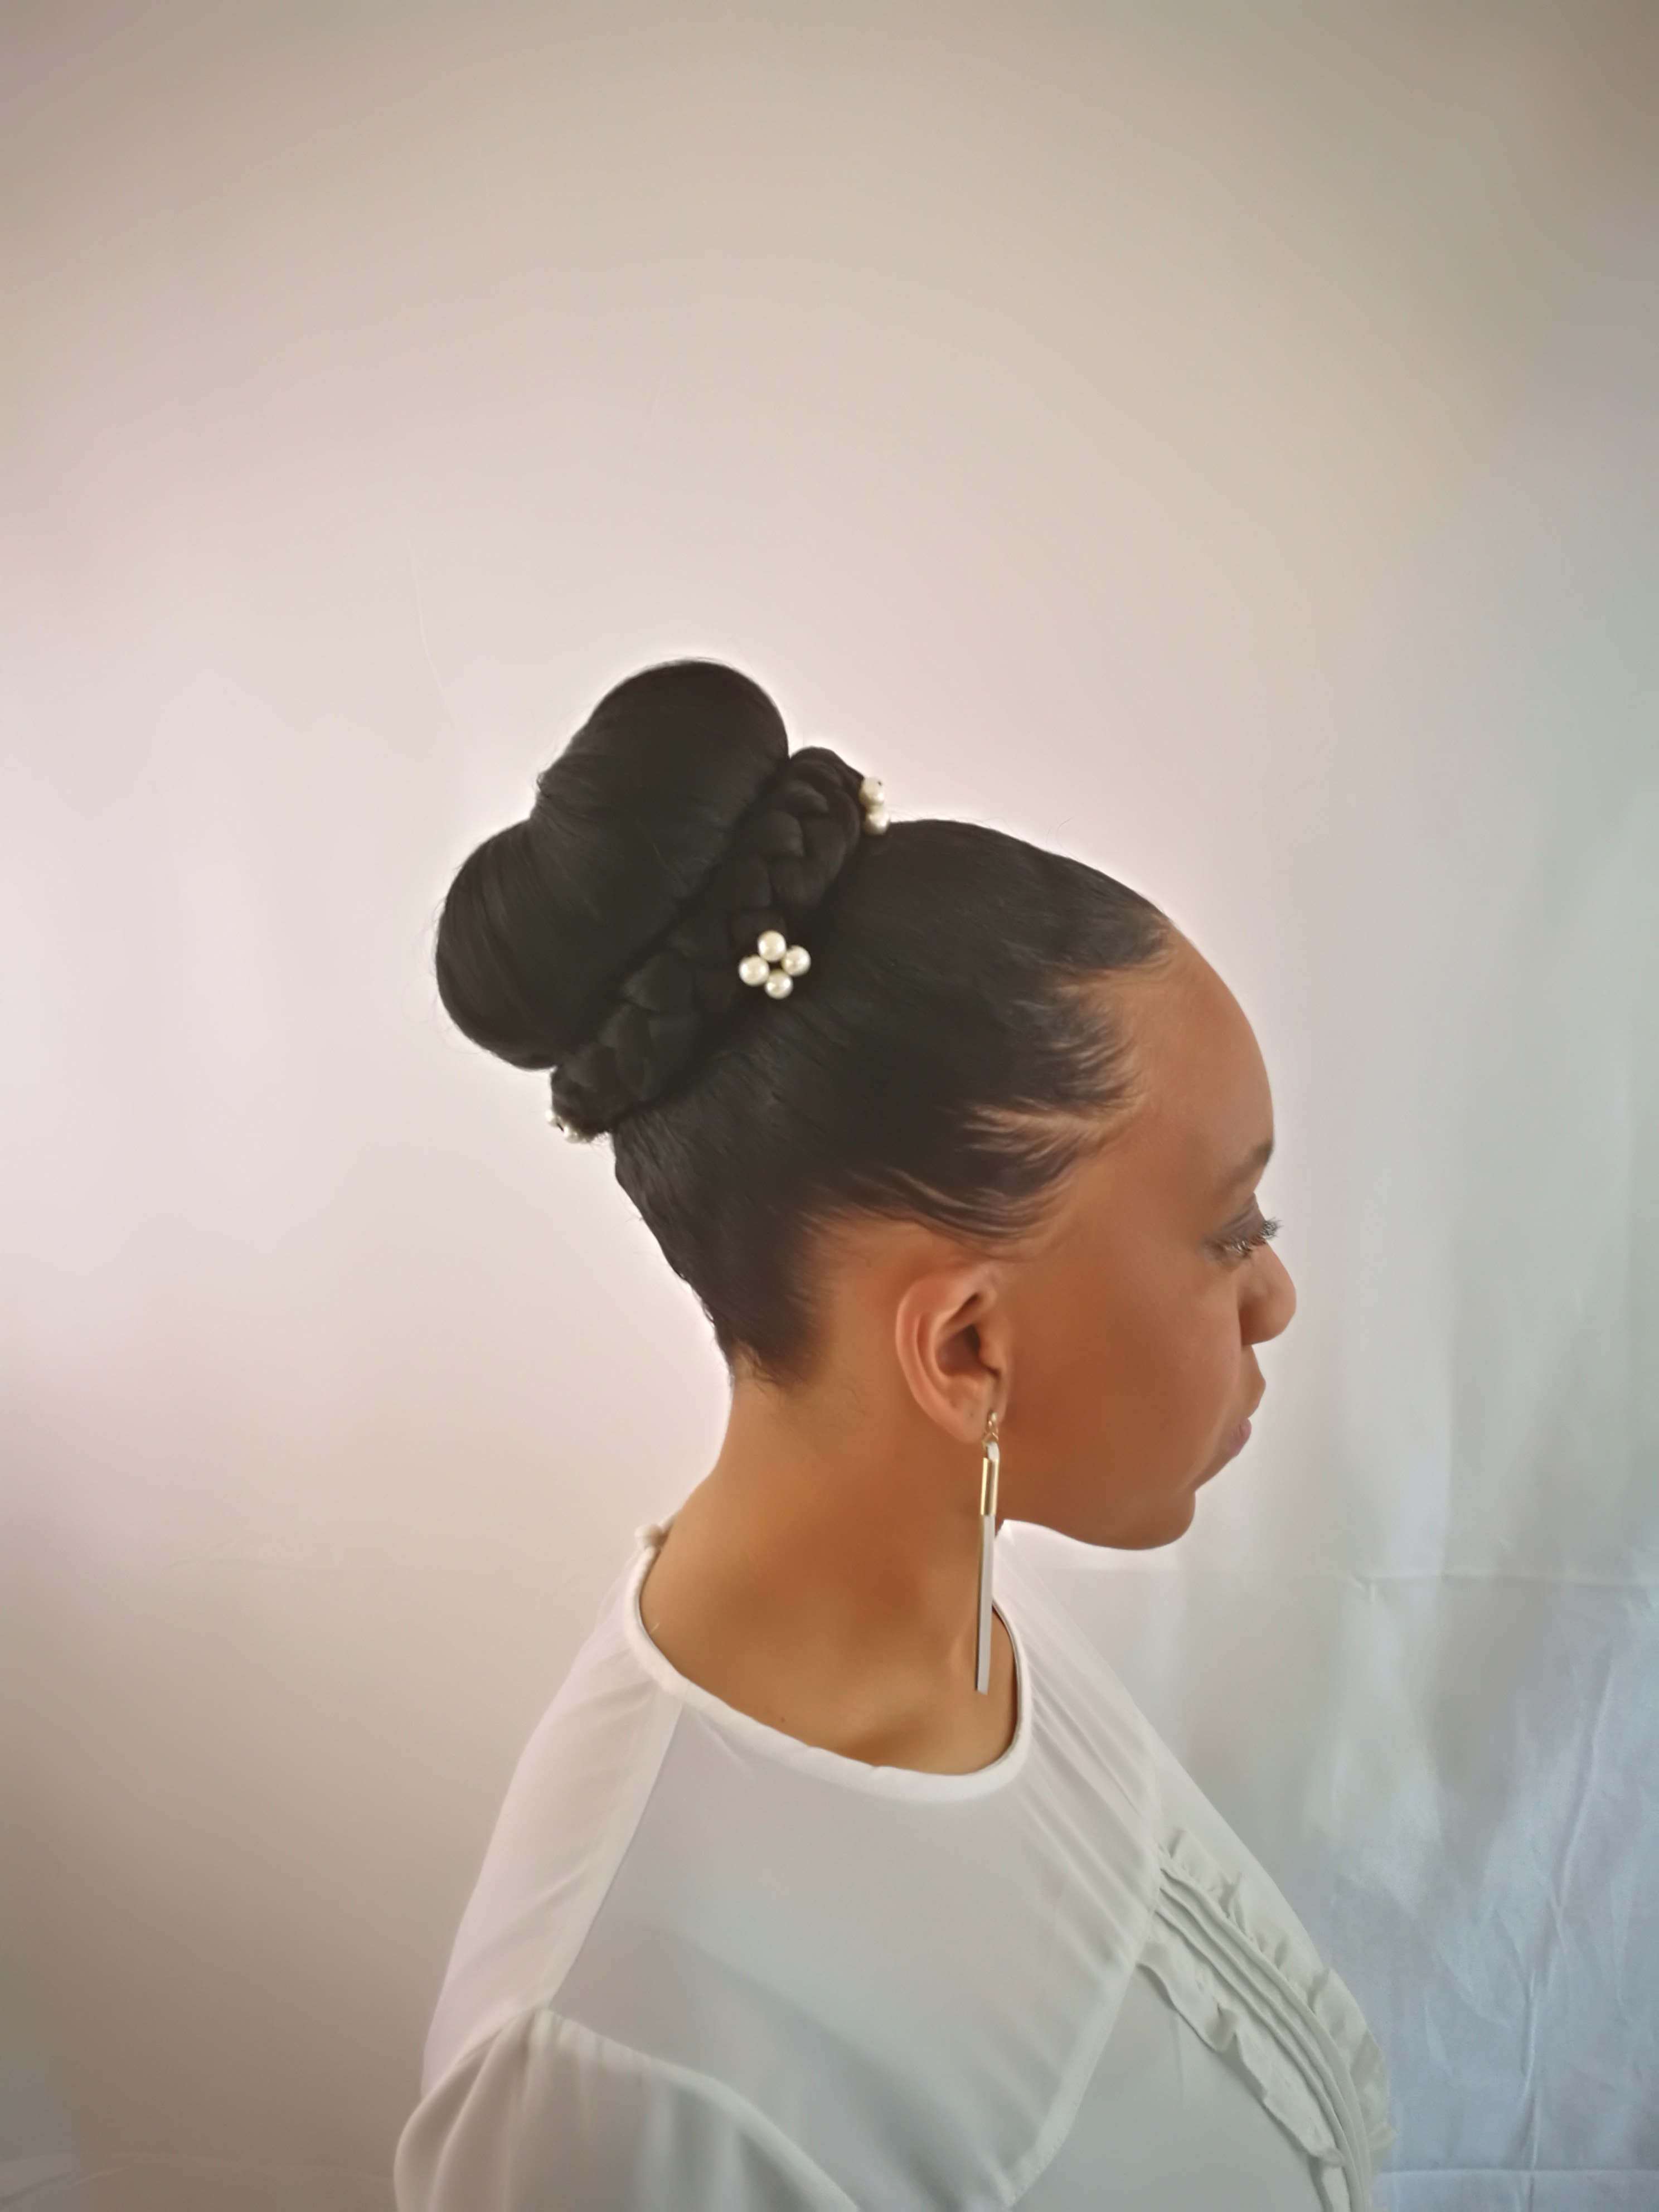 salon de coiffure afro tresse tresses box braids crochet braids vanilles tissages paris 75 77 78 91 92 93 94 95 ENDNUZWJ